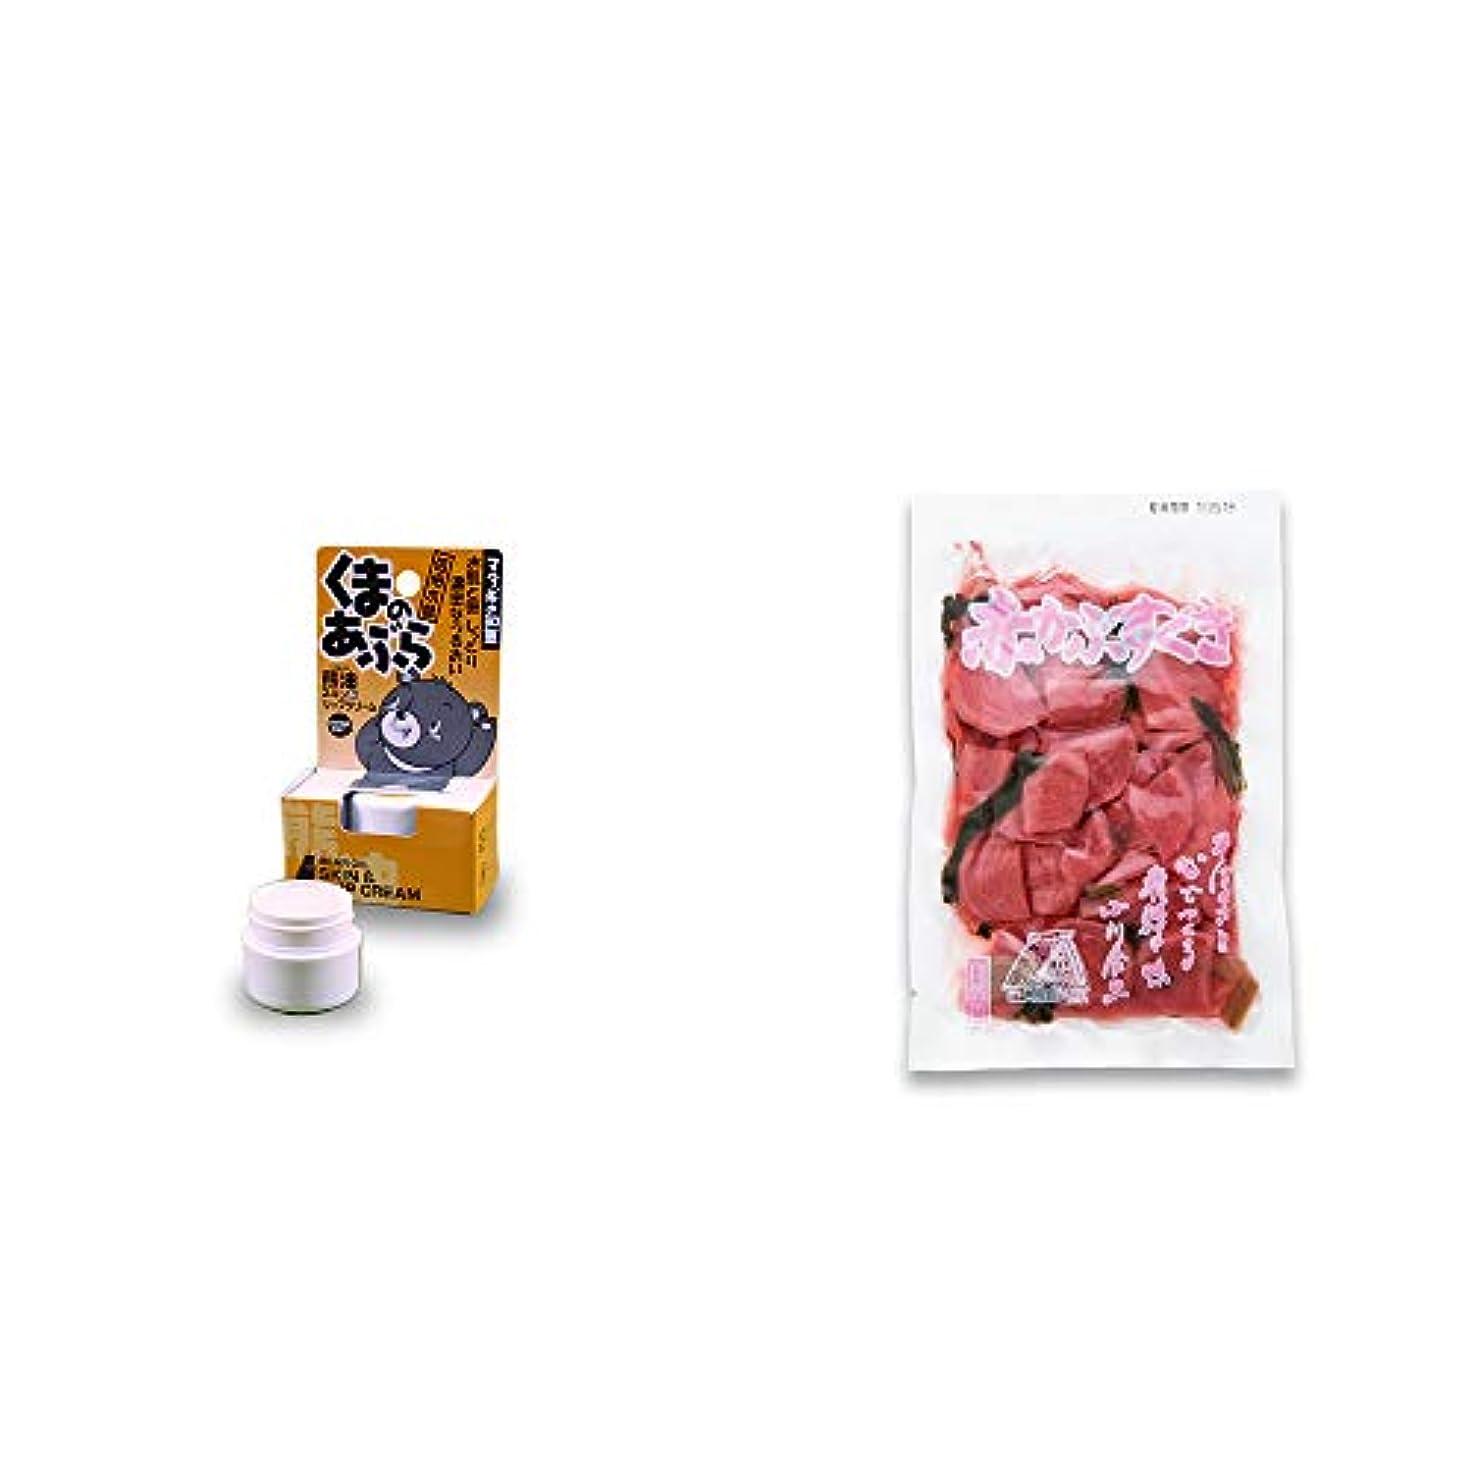 同意するネコ懐疑的[2点セット] 信州木曽 くまのあぶら 熊油スキン&リップクリーム(9g)?赤かぶすぐき(160g)